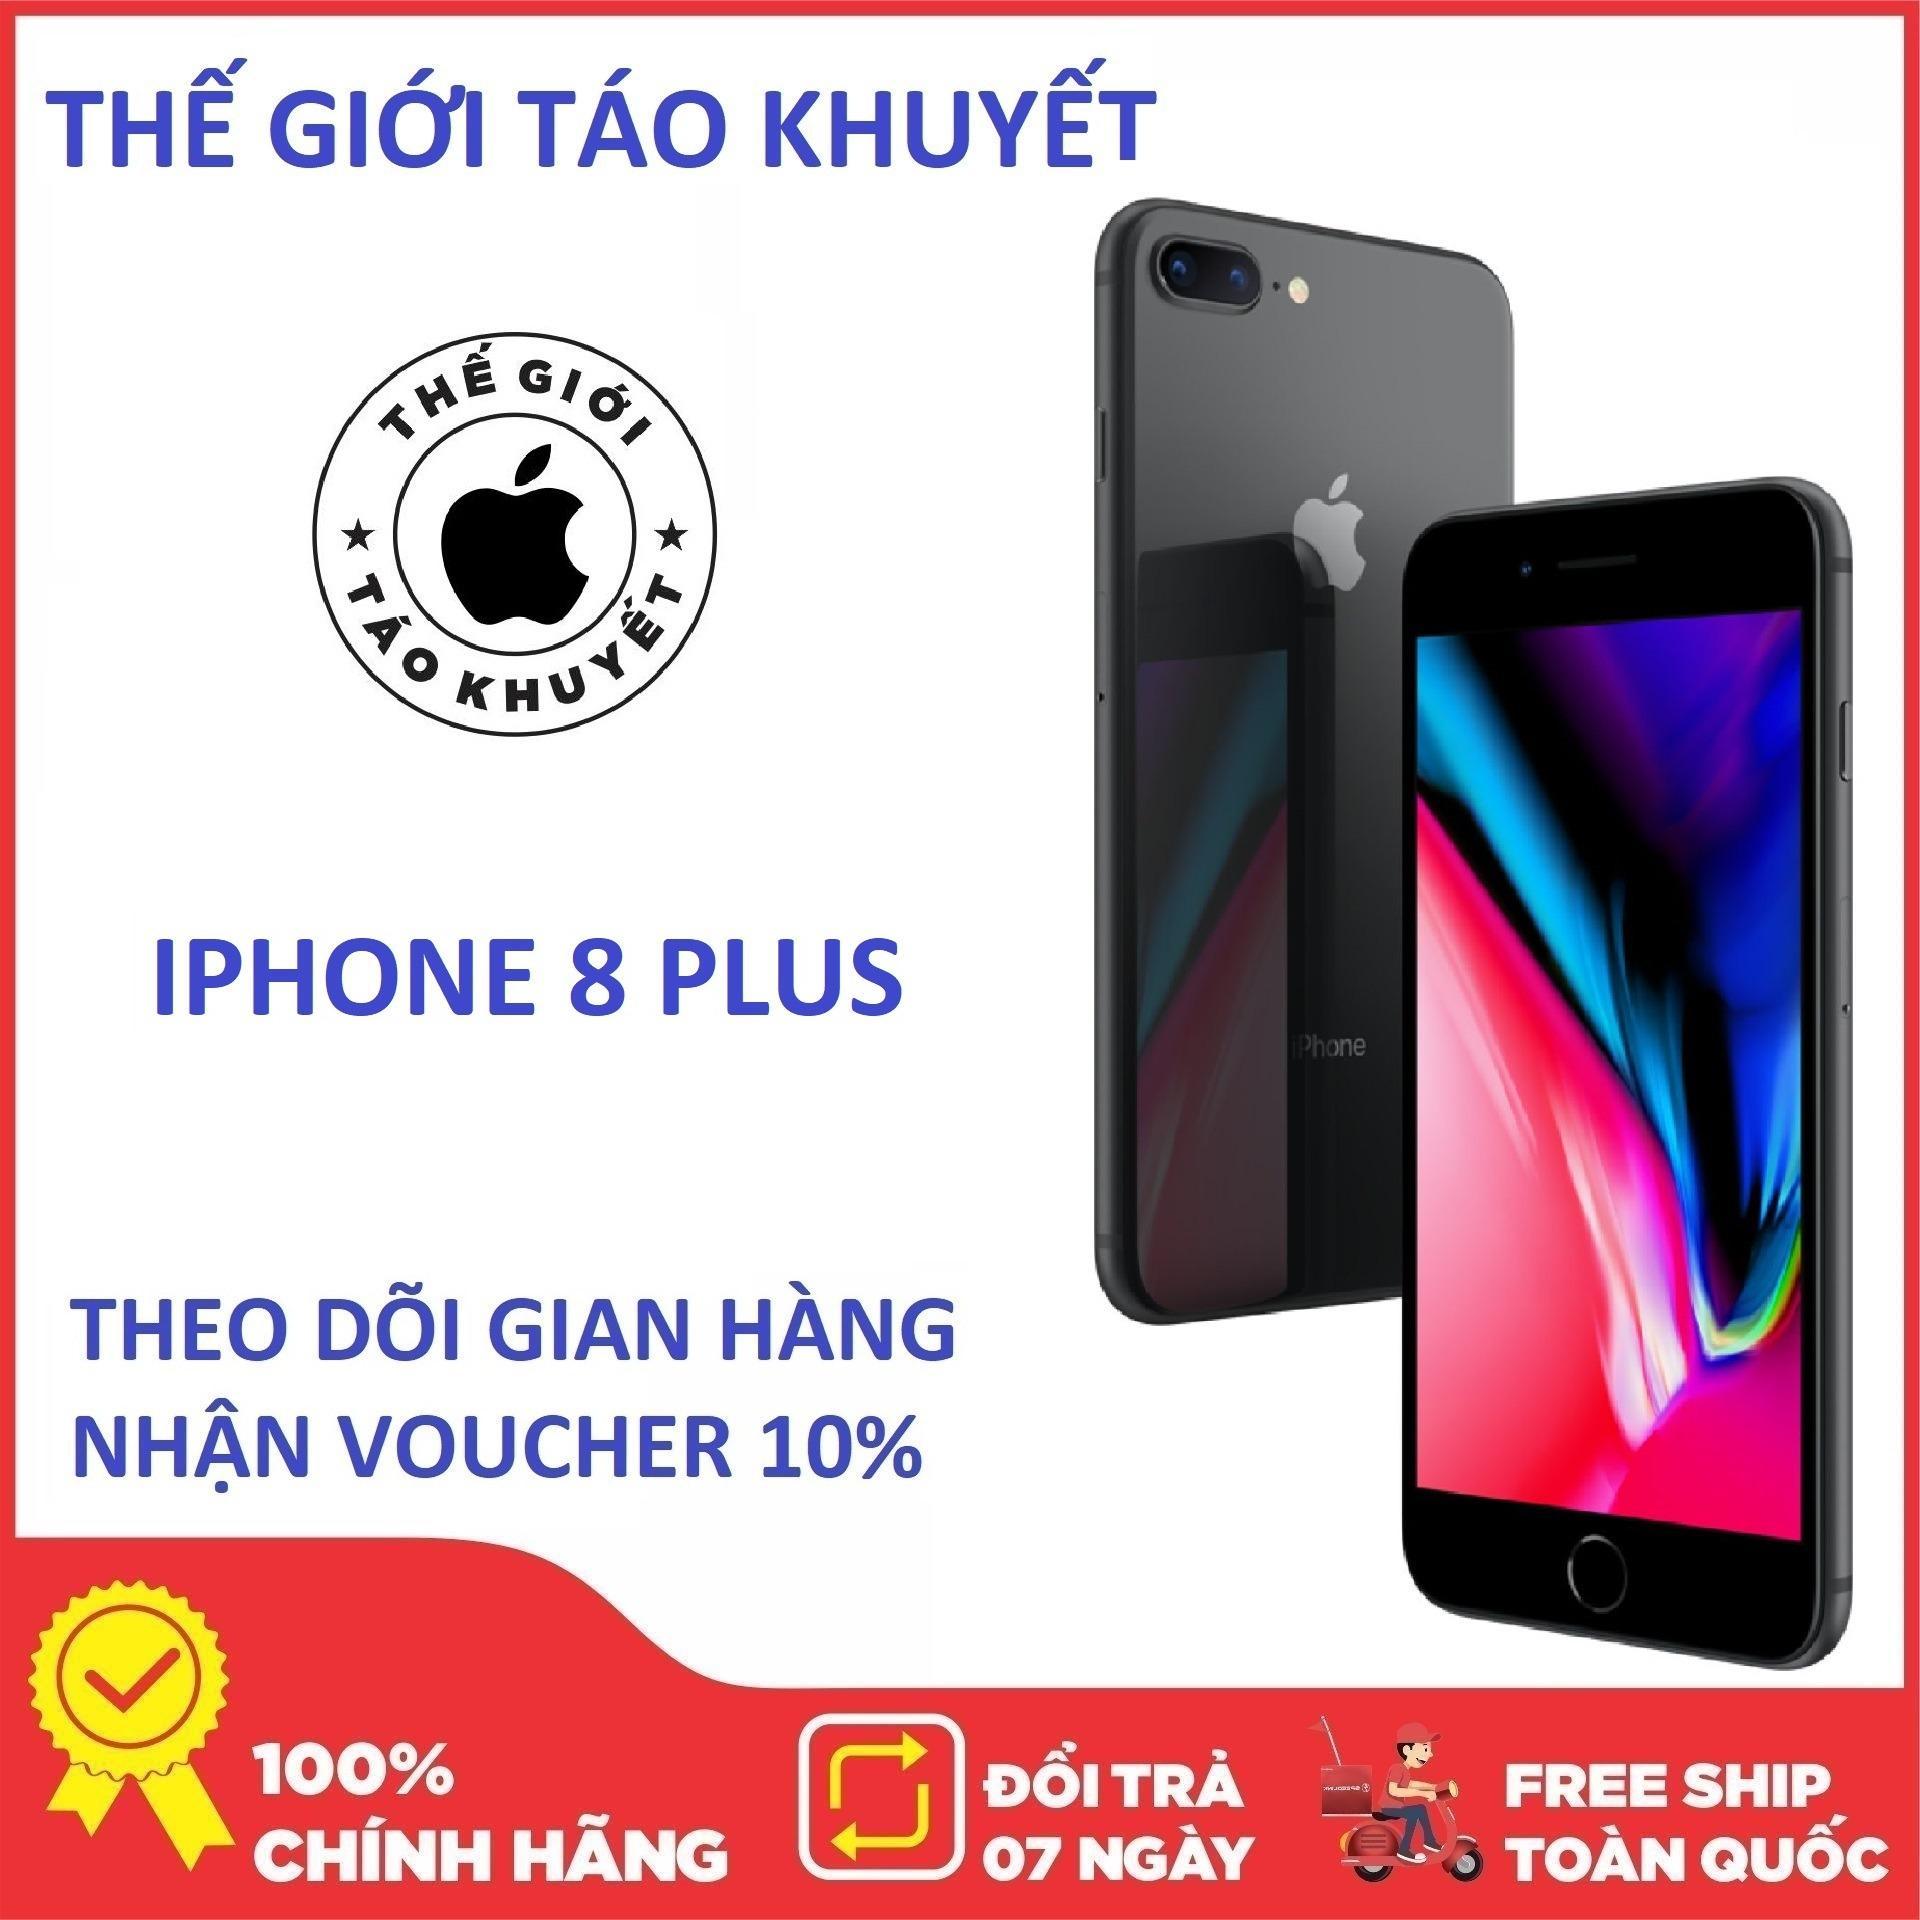 Điện thoại Apple IPHONE 8 PLUS - 64GB - Quốc Tế - Bảo hành 12T - Giá rẻ - Thế Giới Táo Khuyết